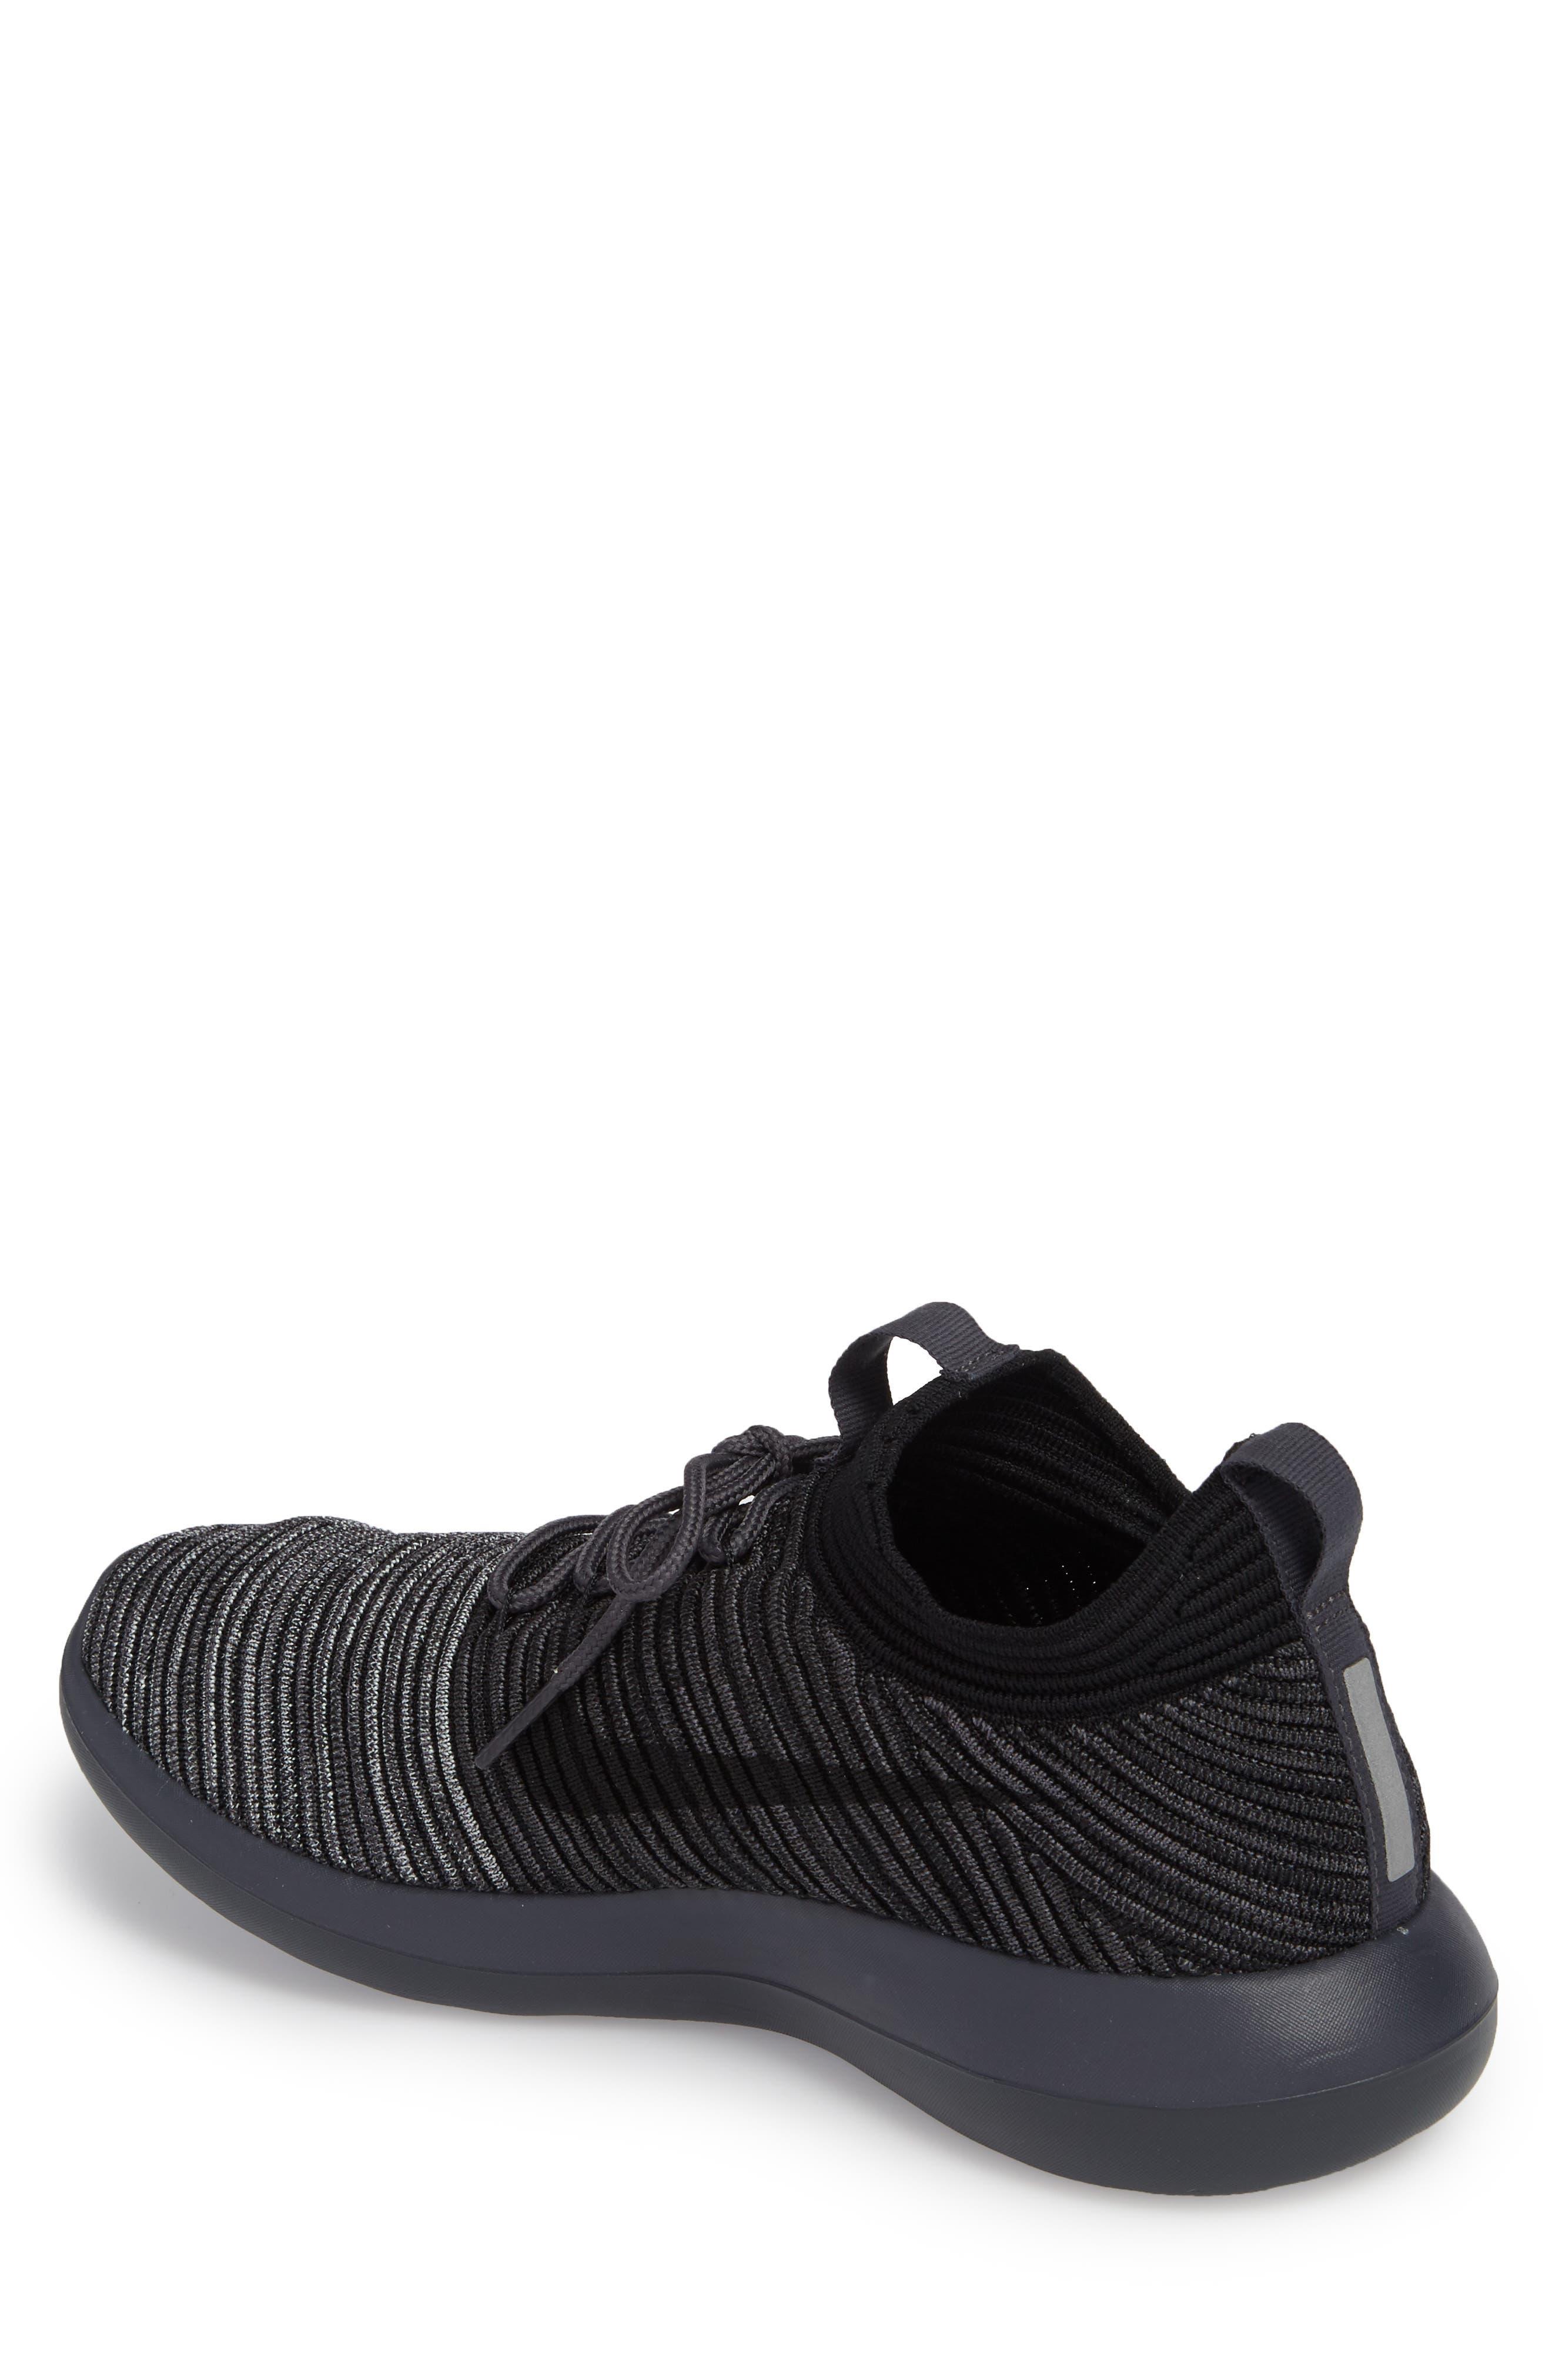 Roshe Two Flyknit V2 Sneaker,                             Alternate thumbnail 2, color,                             004